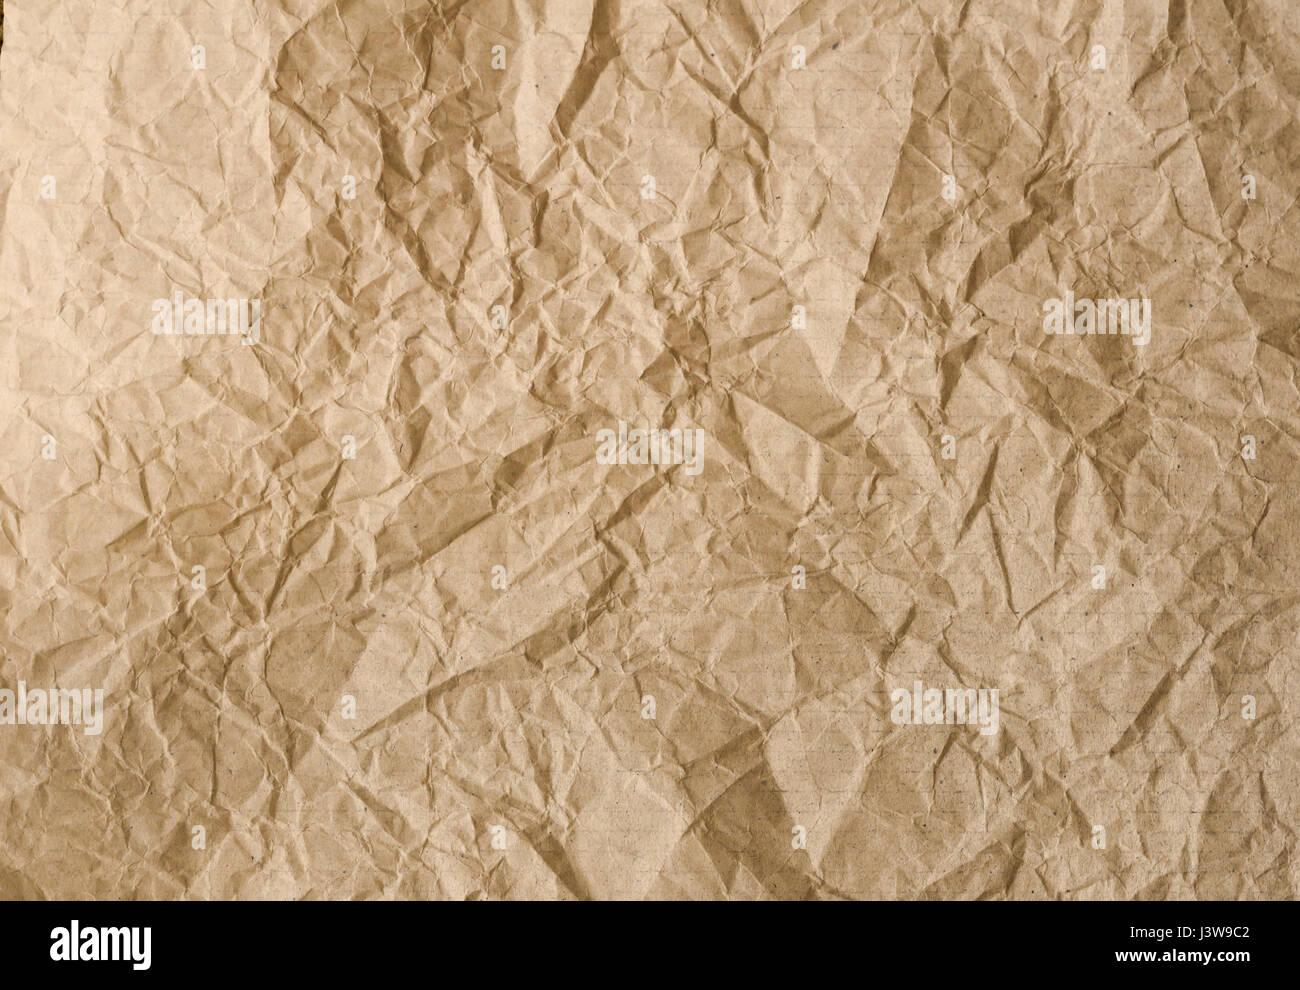 Papier froissé marron texture background Photo Stock